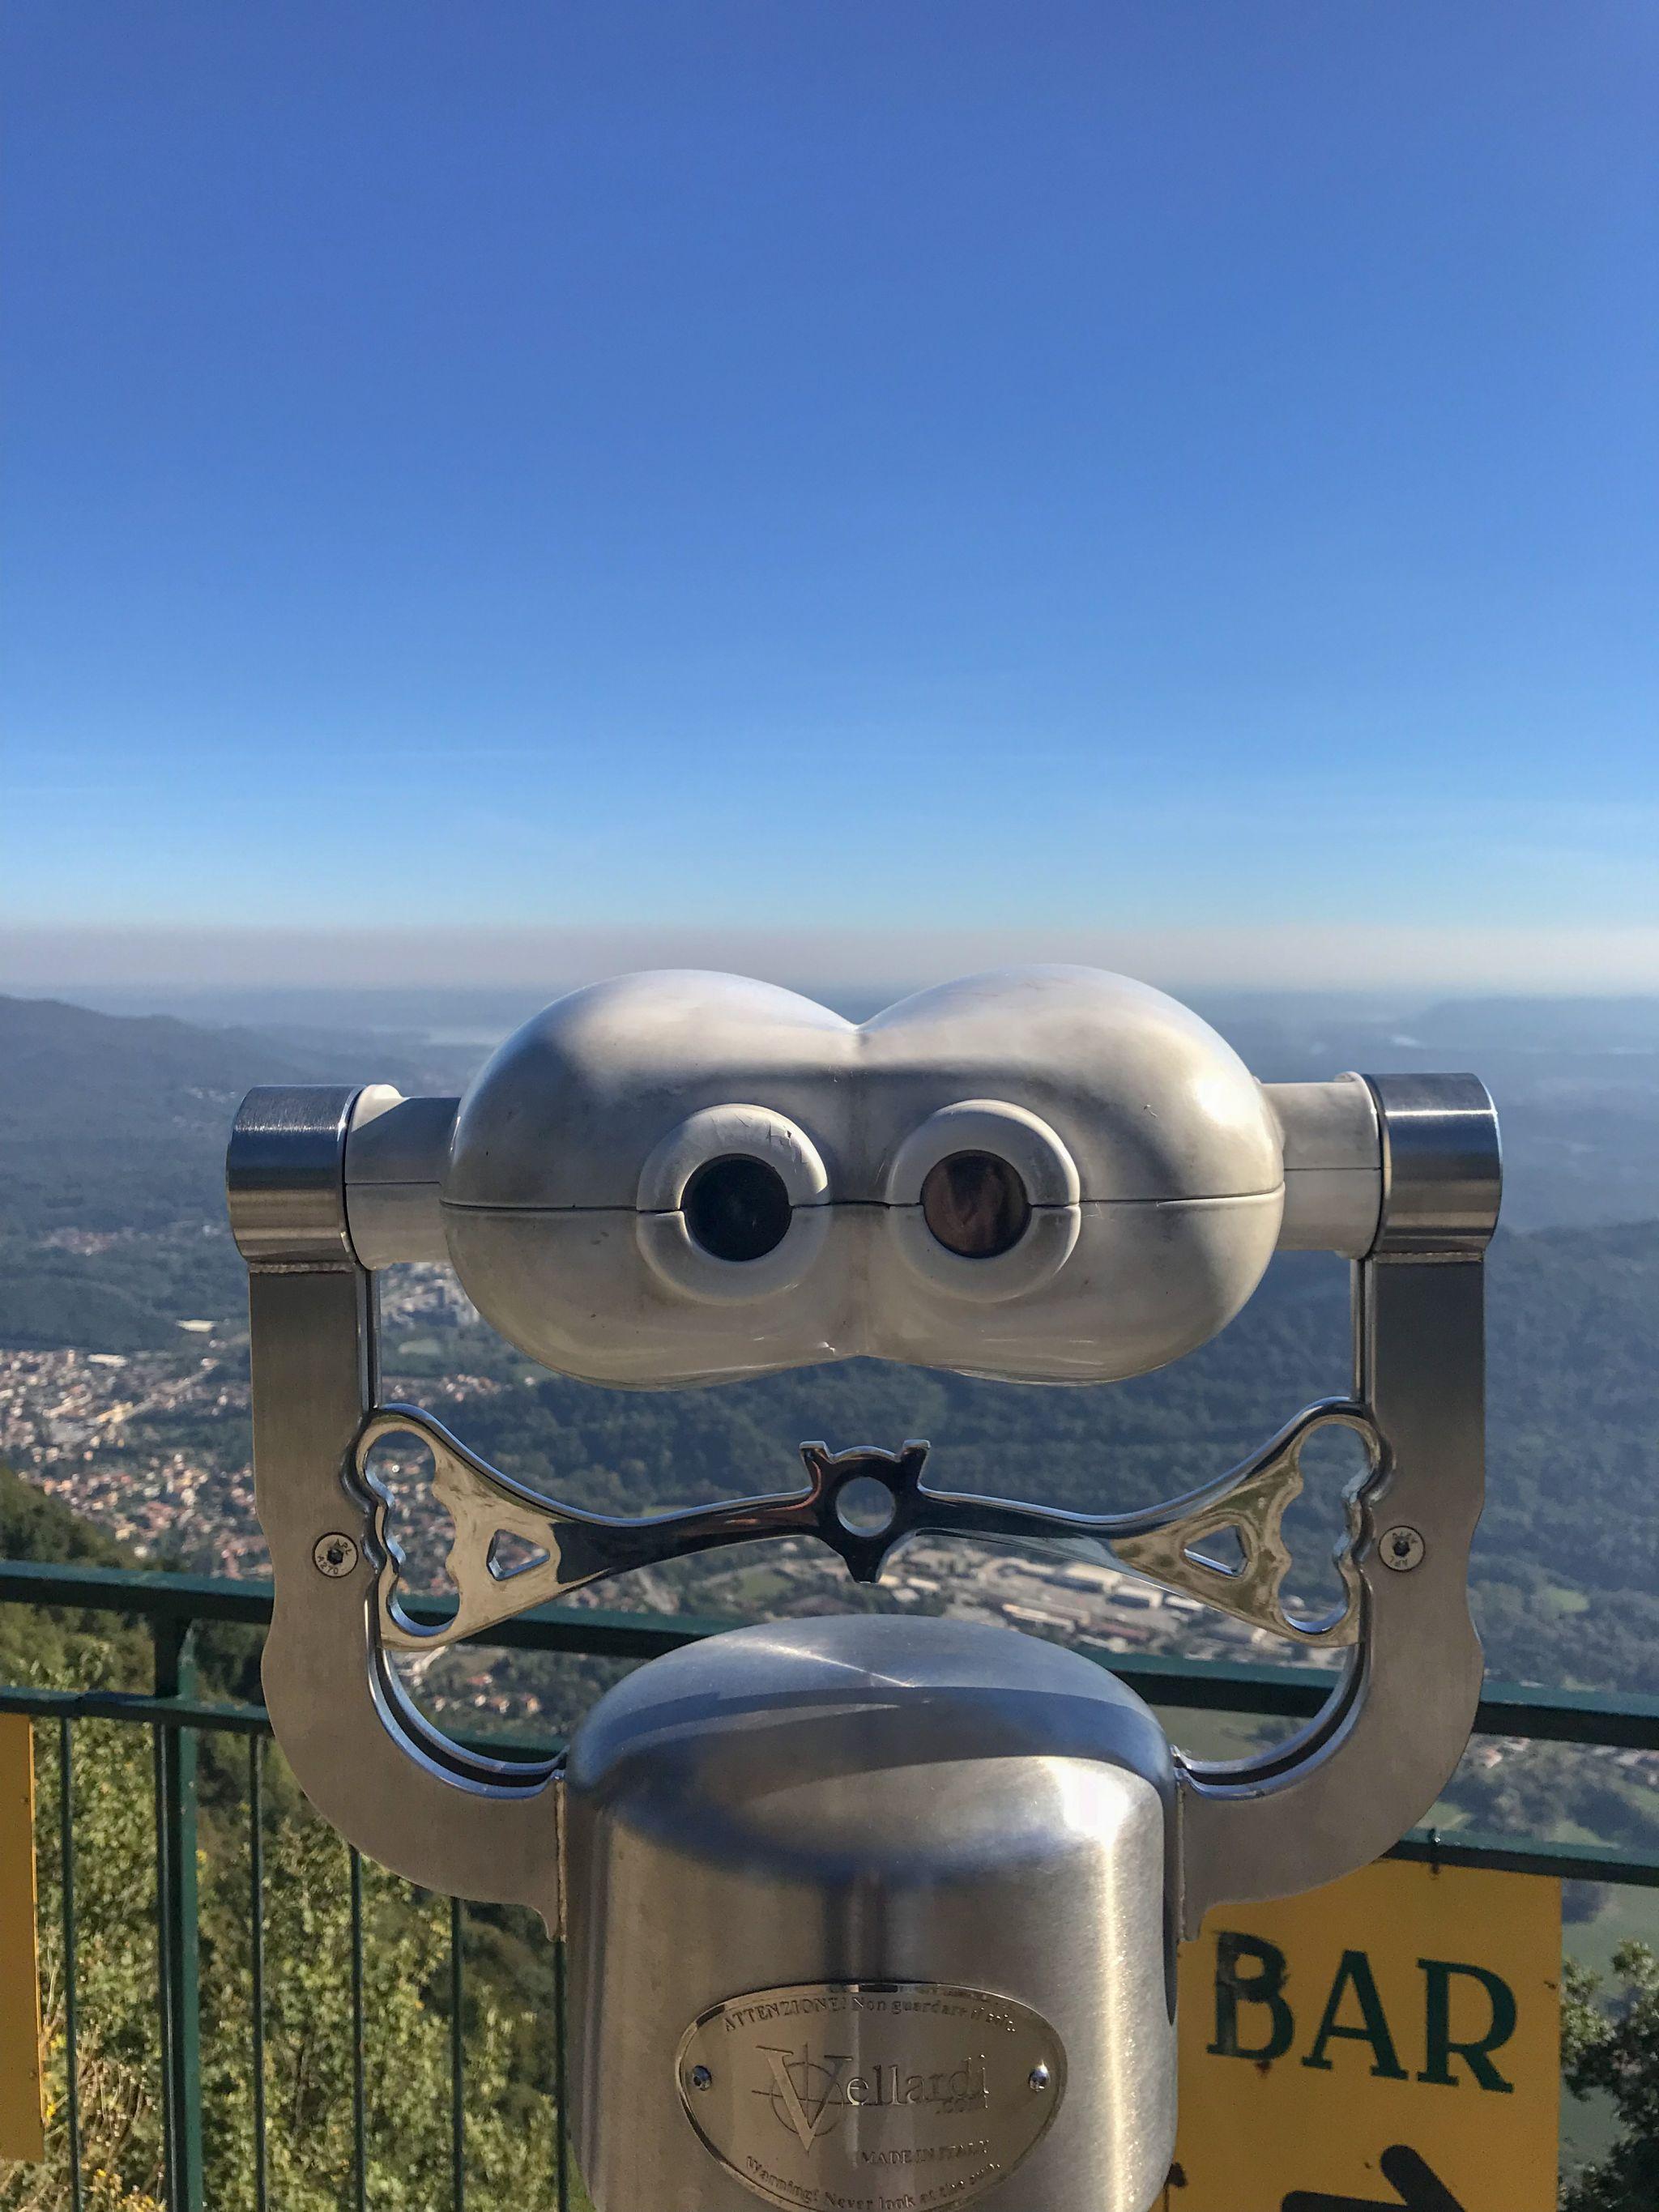 Views over Lake Maggiore atop Sasso del Ferro mountain